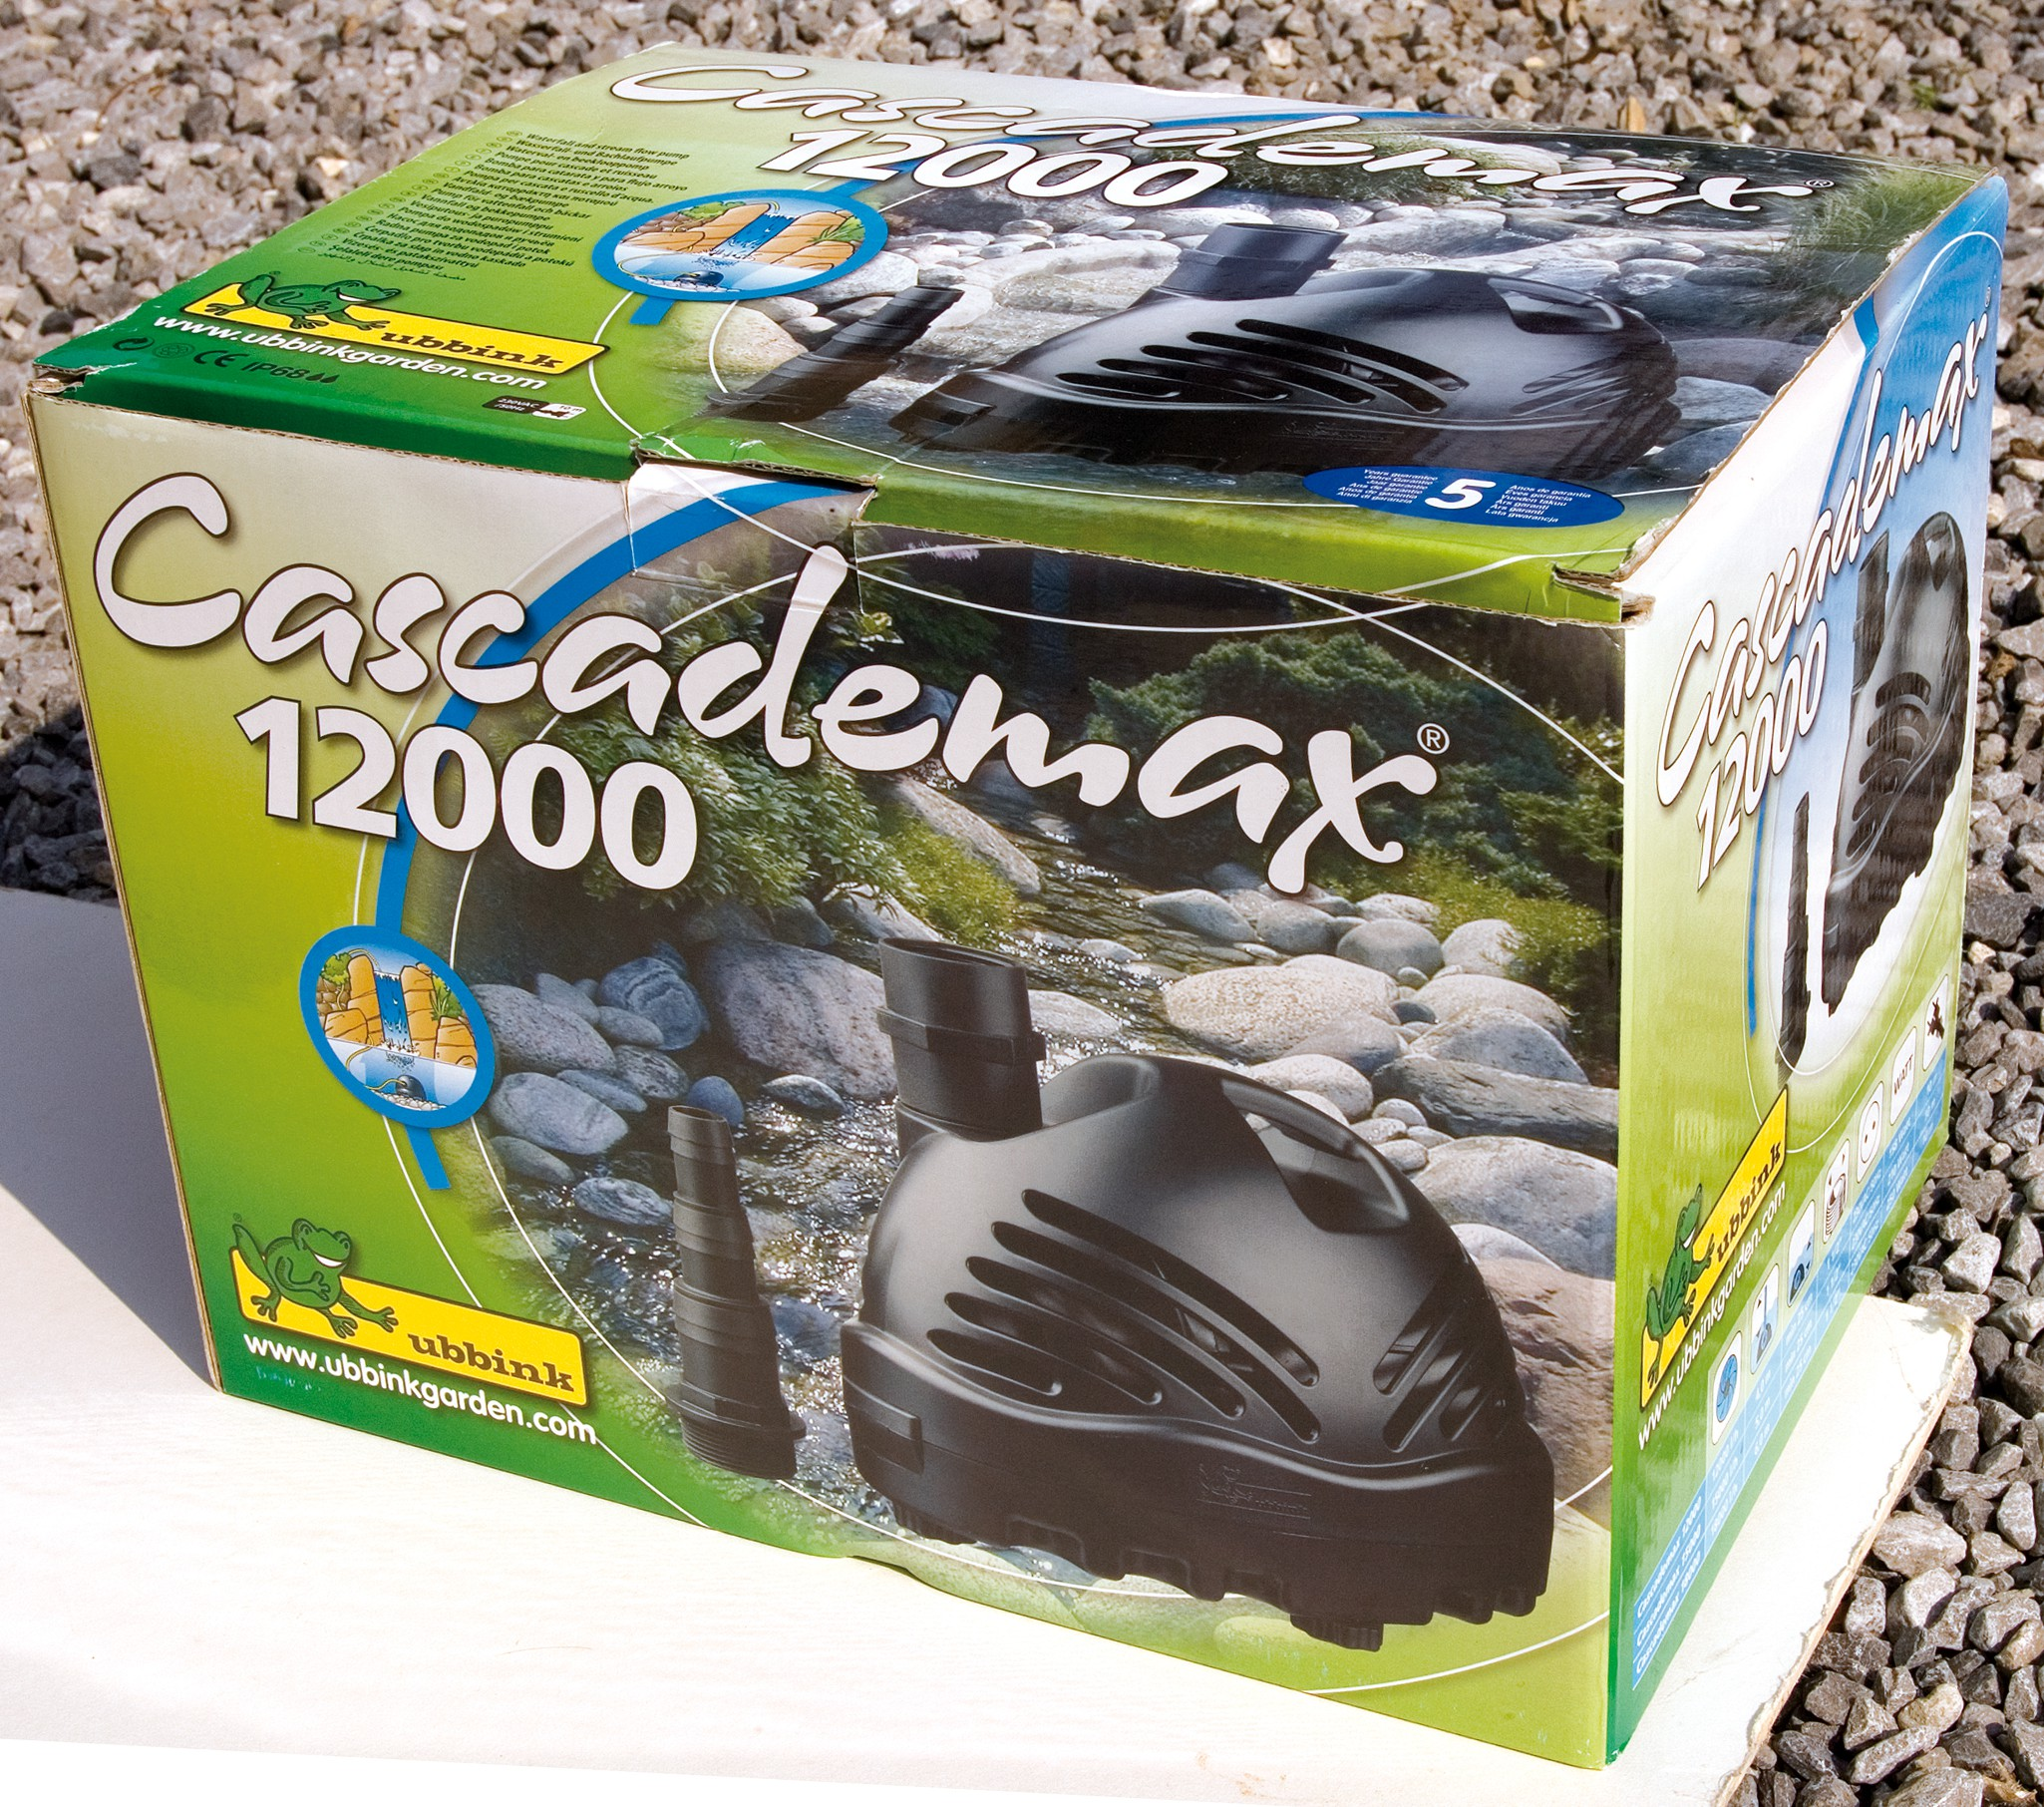 Pompe pour cascade ubbink cascademax 15000 jardinet for Pompe cascade